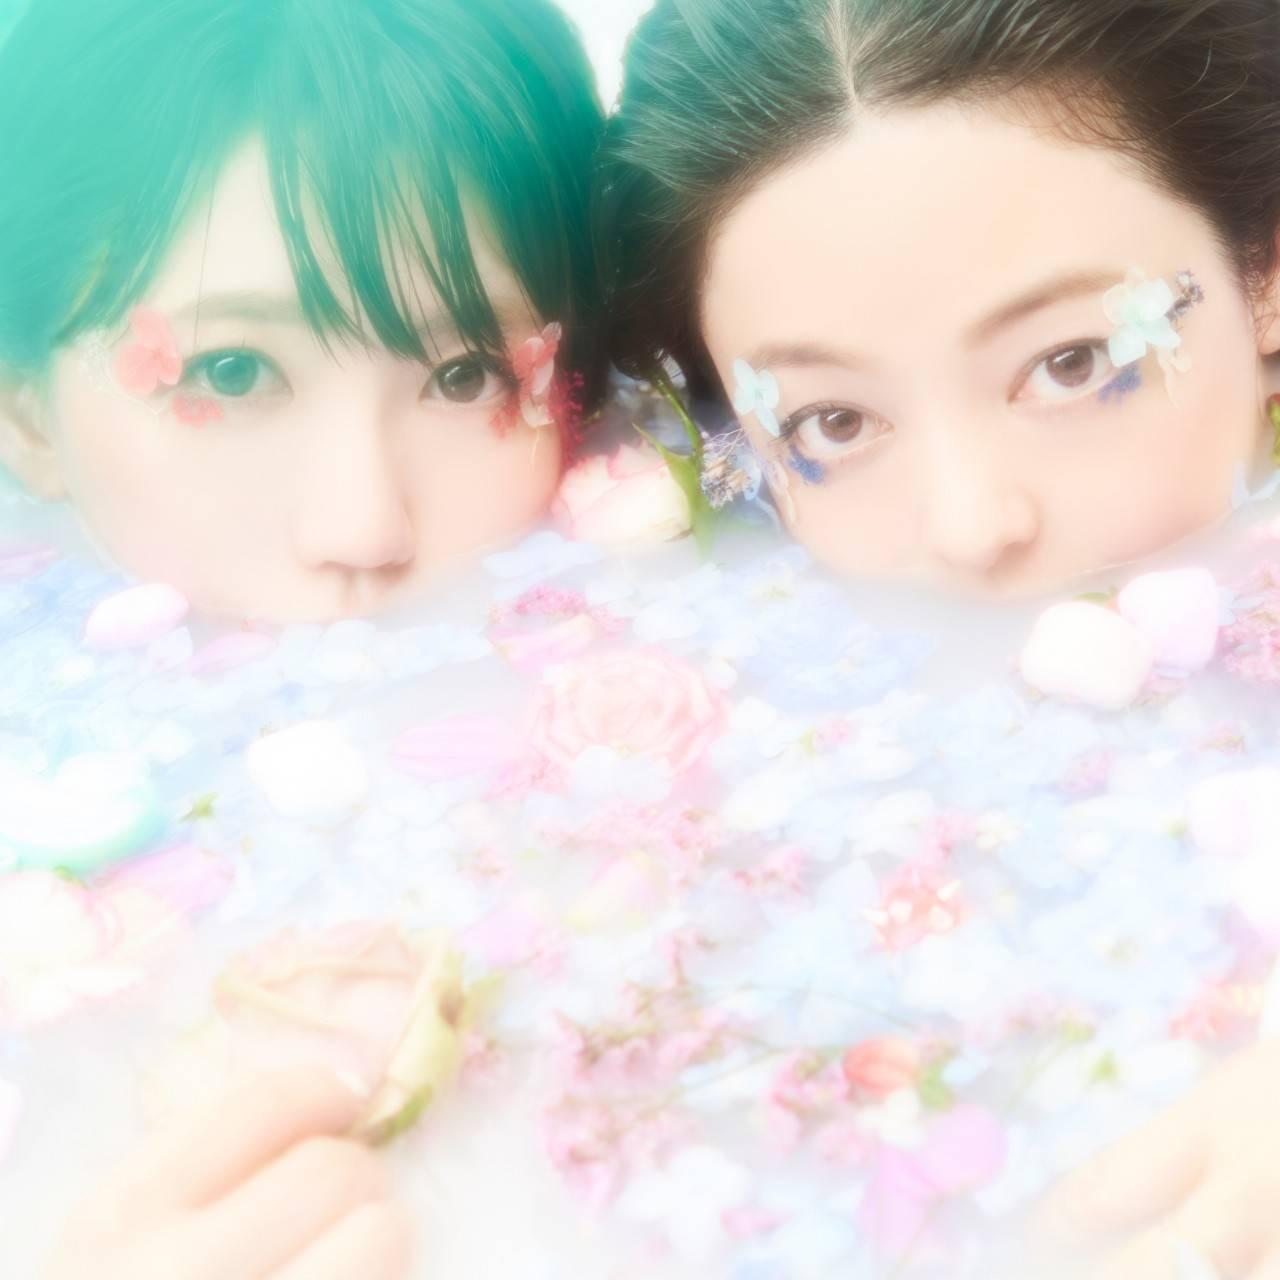 まこみなみん、配信限定シングル第3弾「Cream」を七夕の7月7日リリース&MVも同時公開サムネイル画像